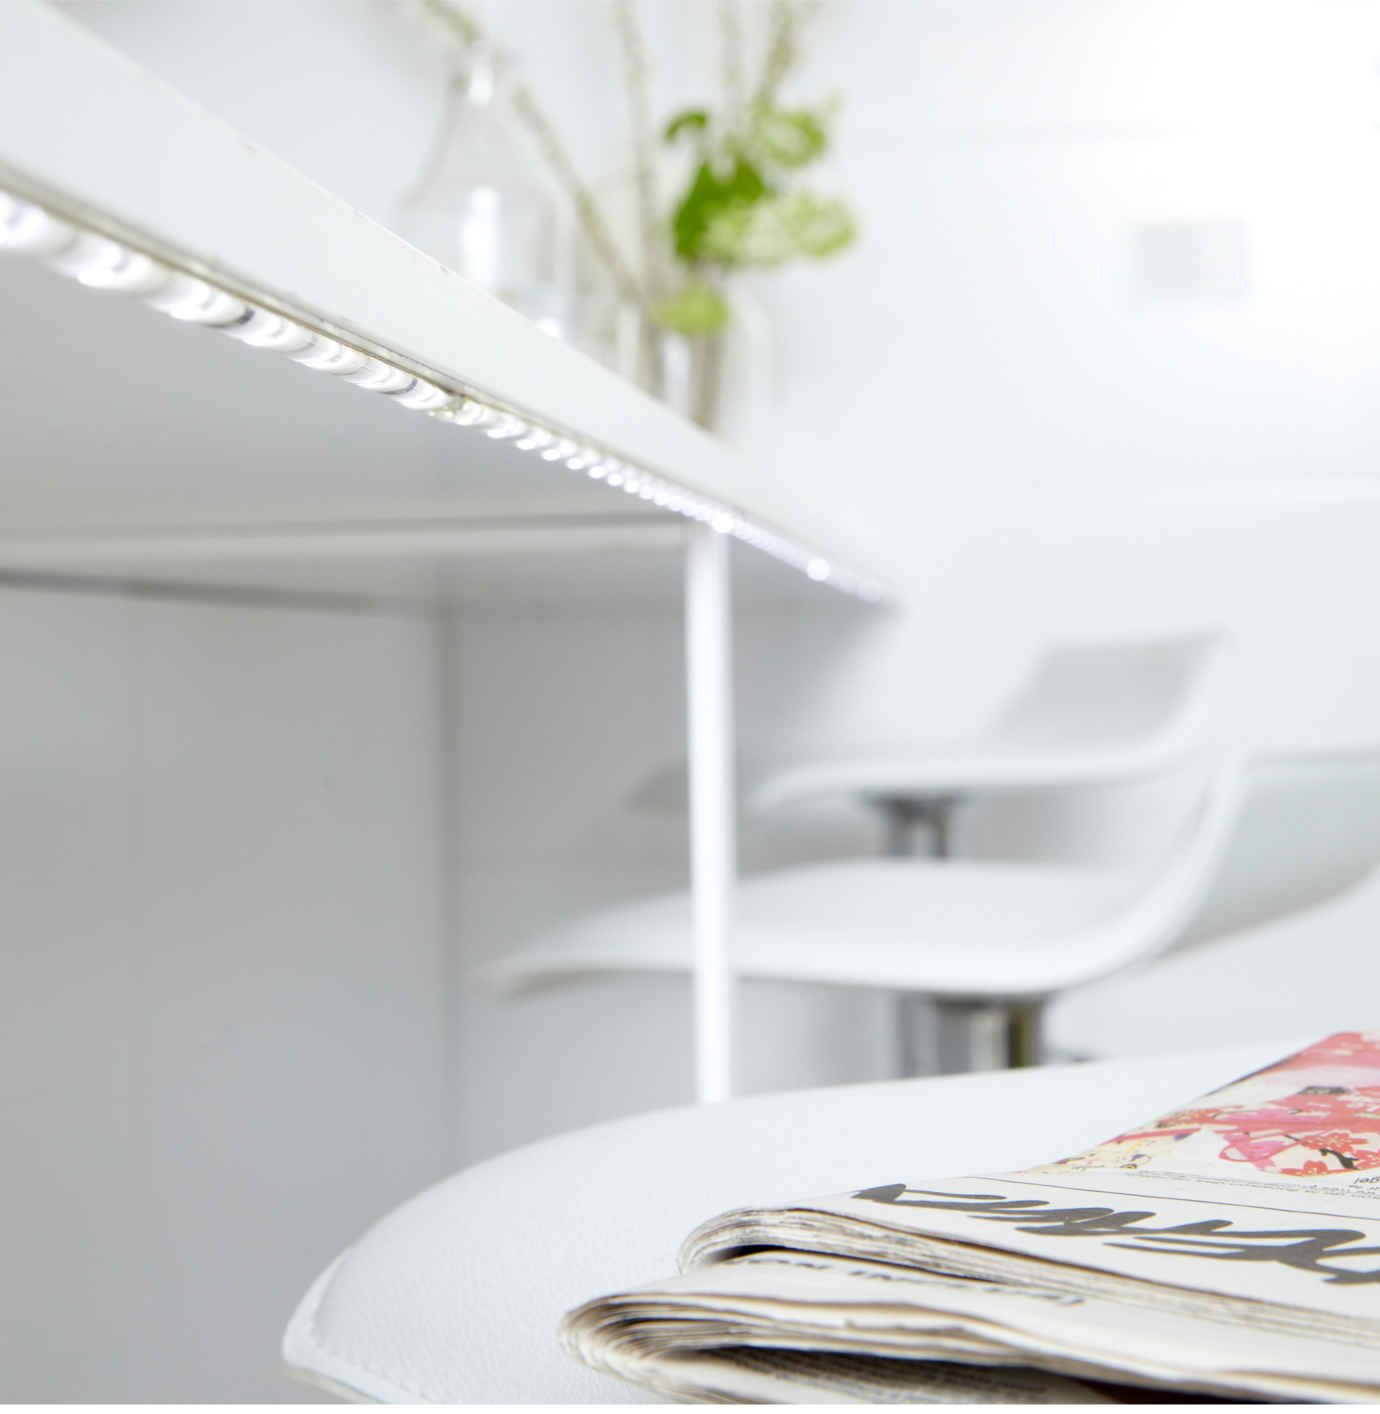 Beautiful Eclairage Led Sous Meuble Cuisine Plan Iqdiplom Com # Eclairage Led Pour Meuble Tv